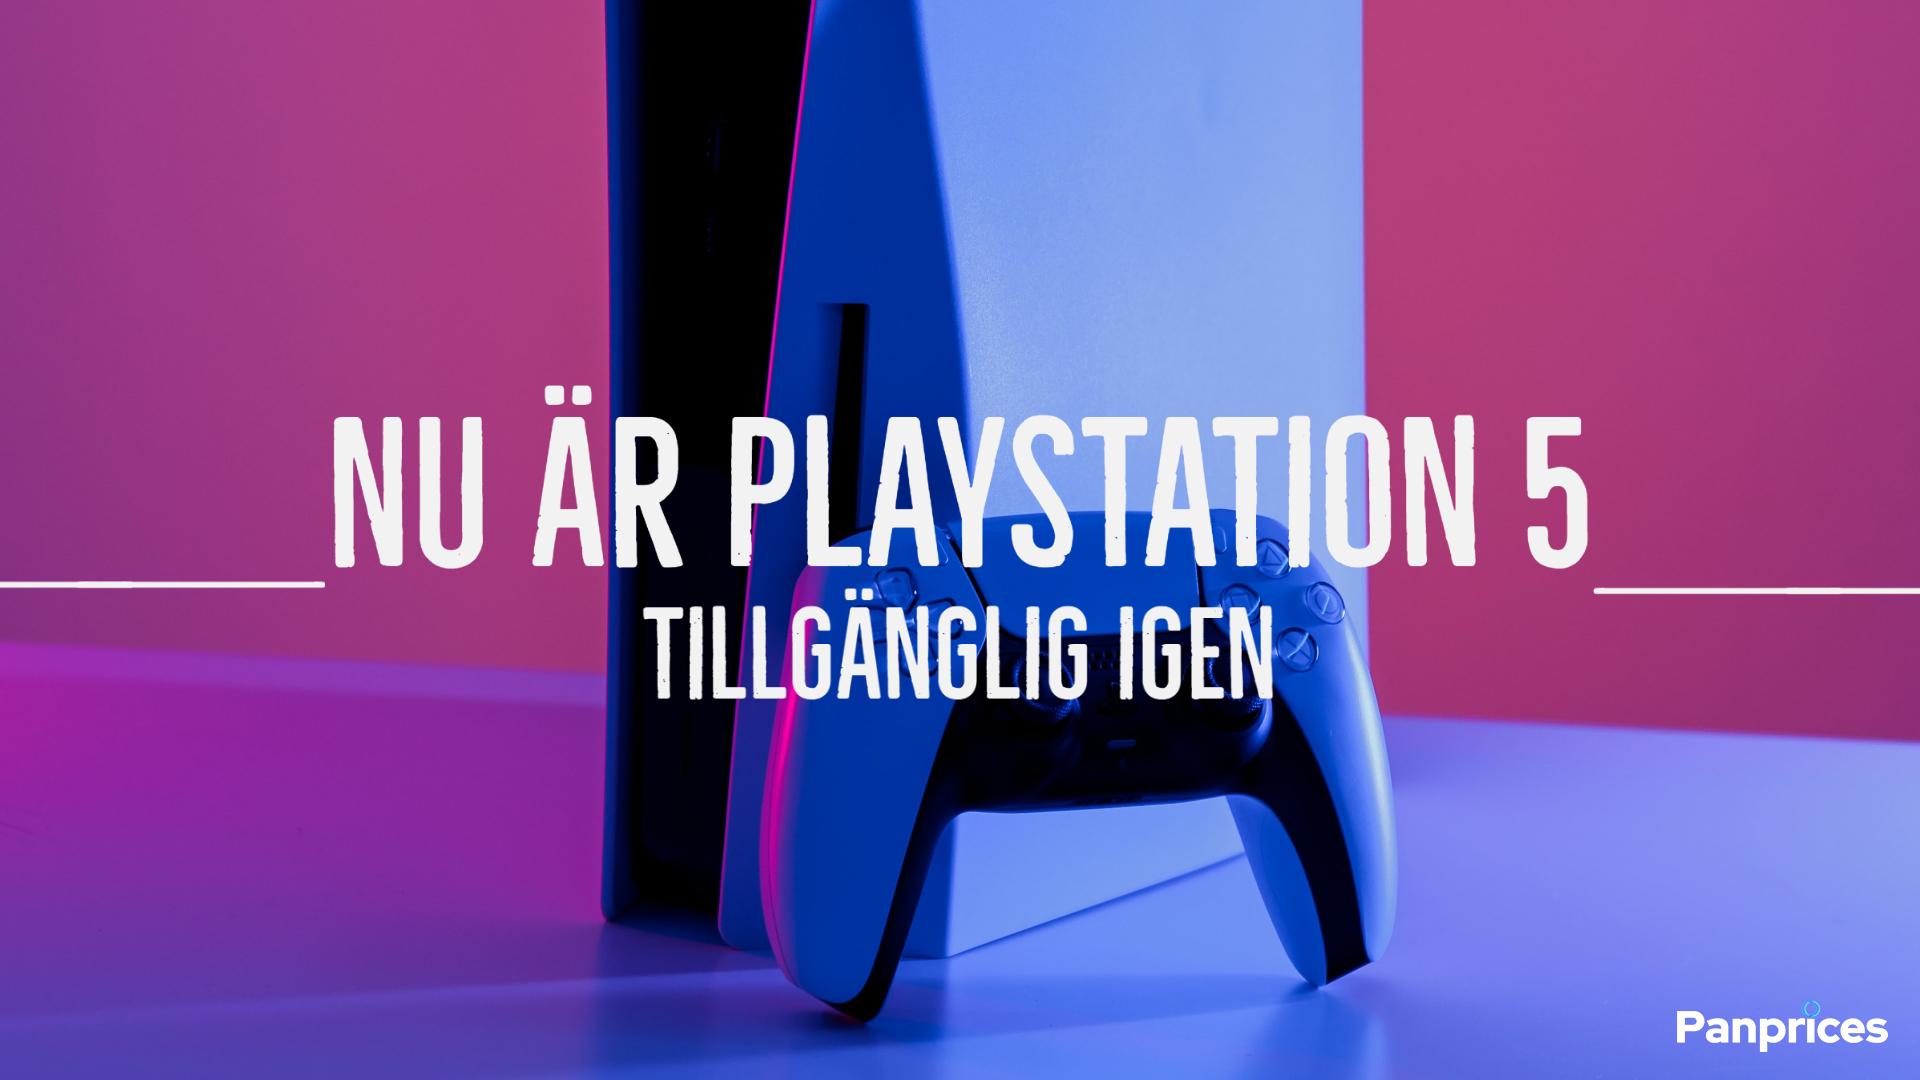 Nu är PlayStation 5 tillgänglig igen